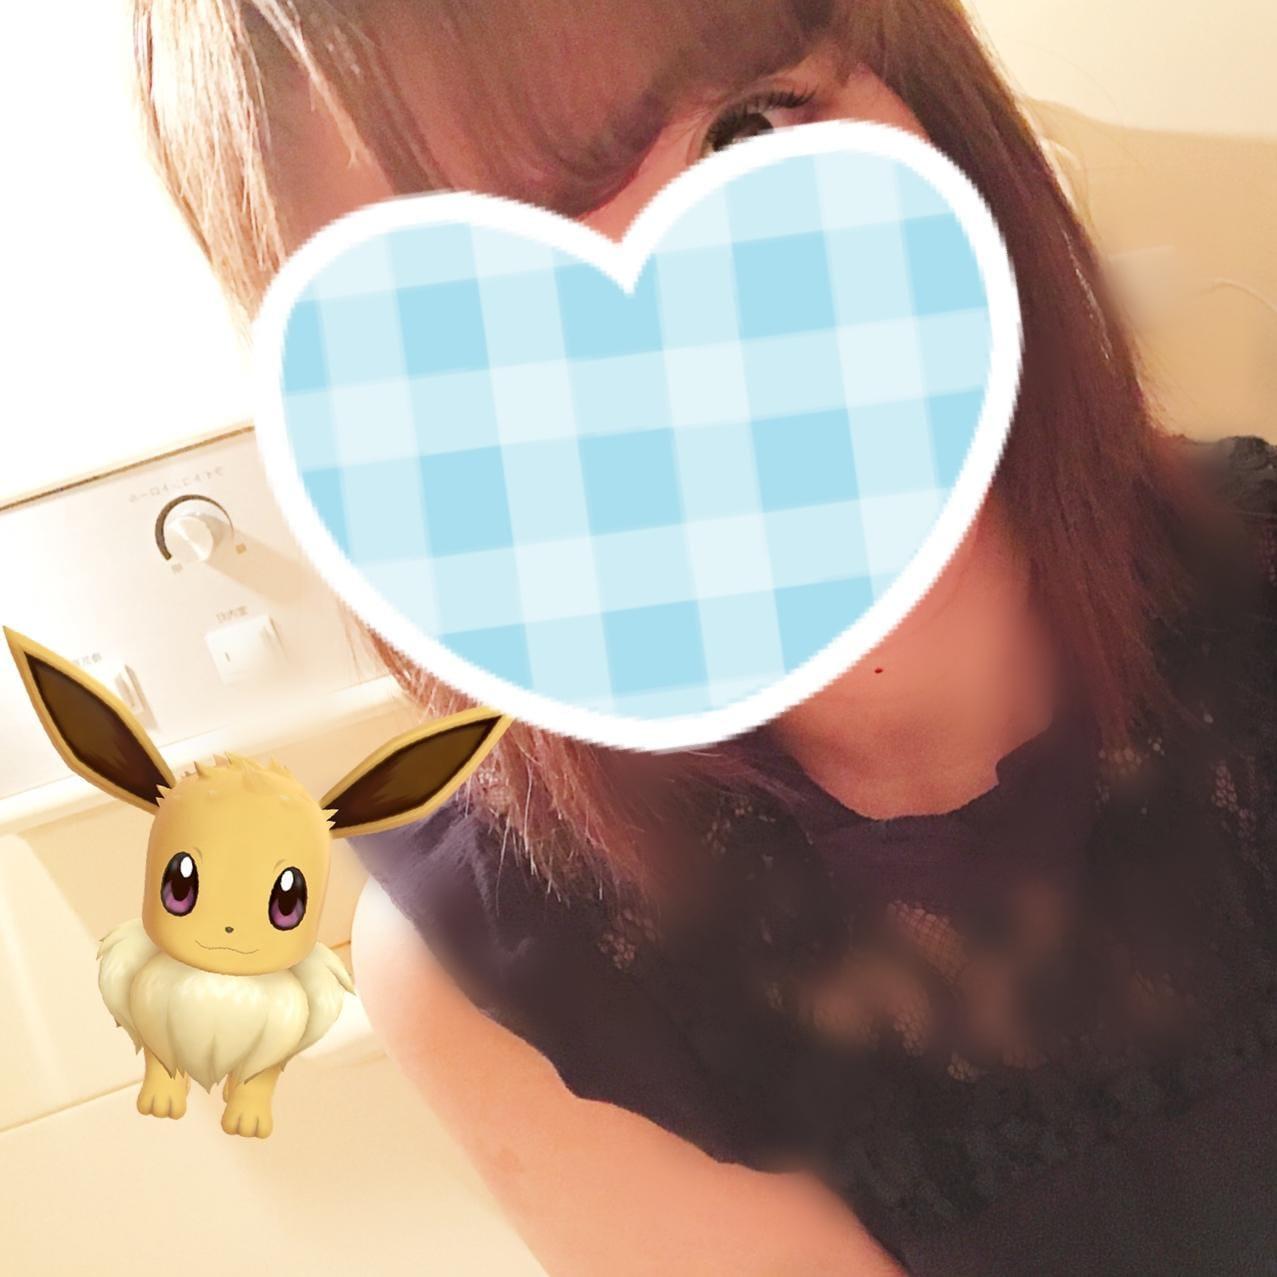 「久々に」09/03(09/03) 18:38 | 前田みゆの写メ・風俗動画